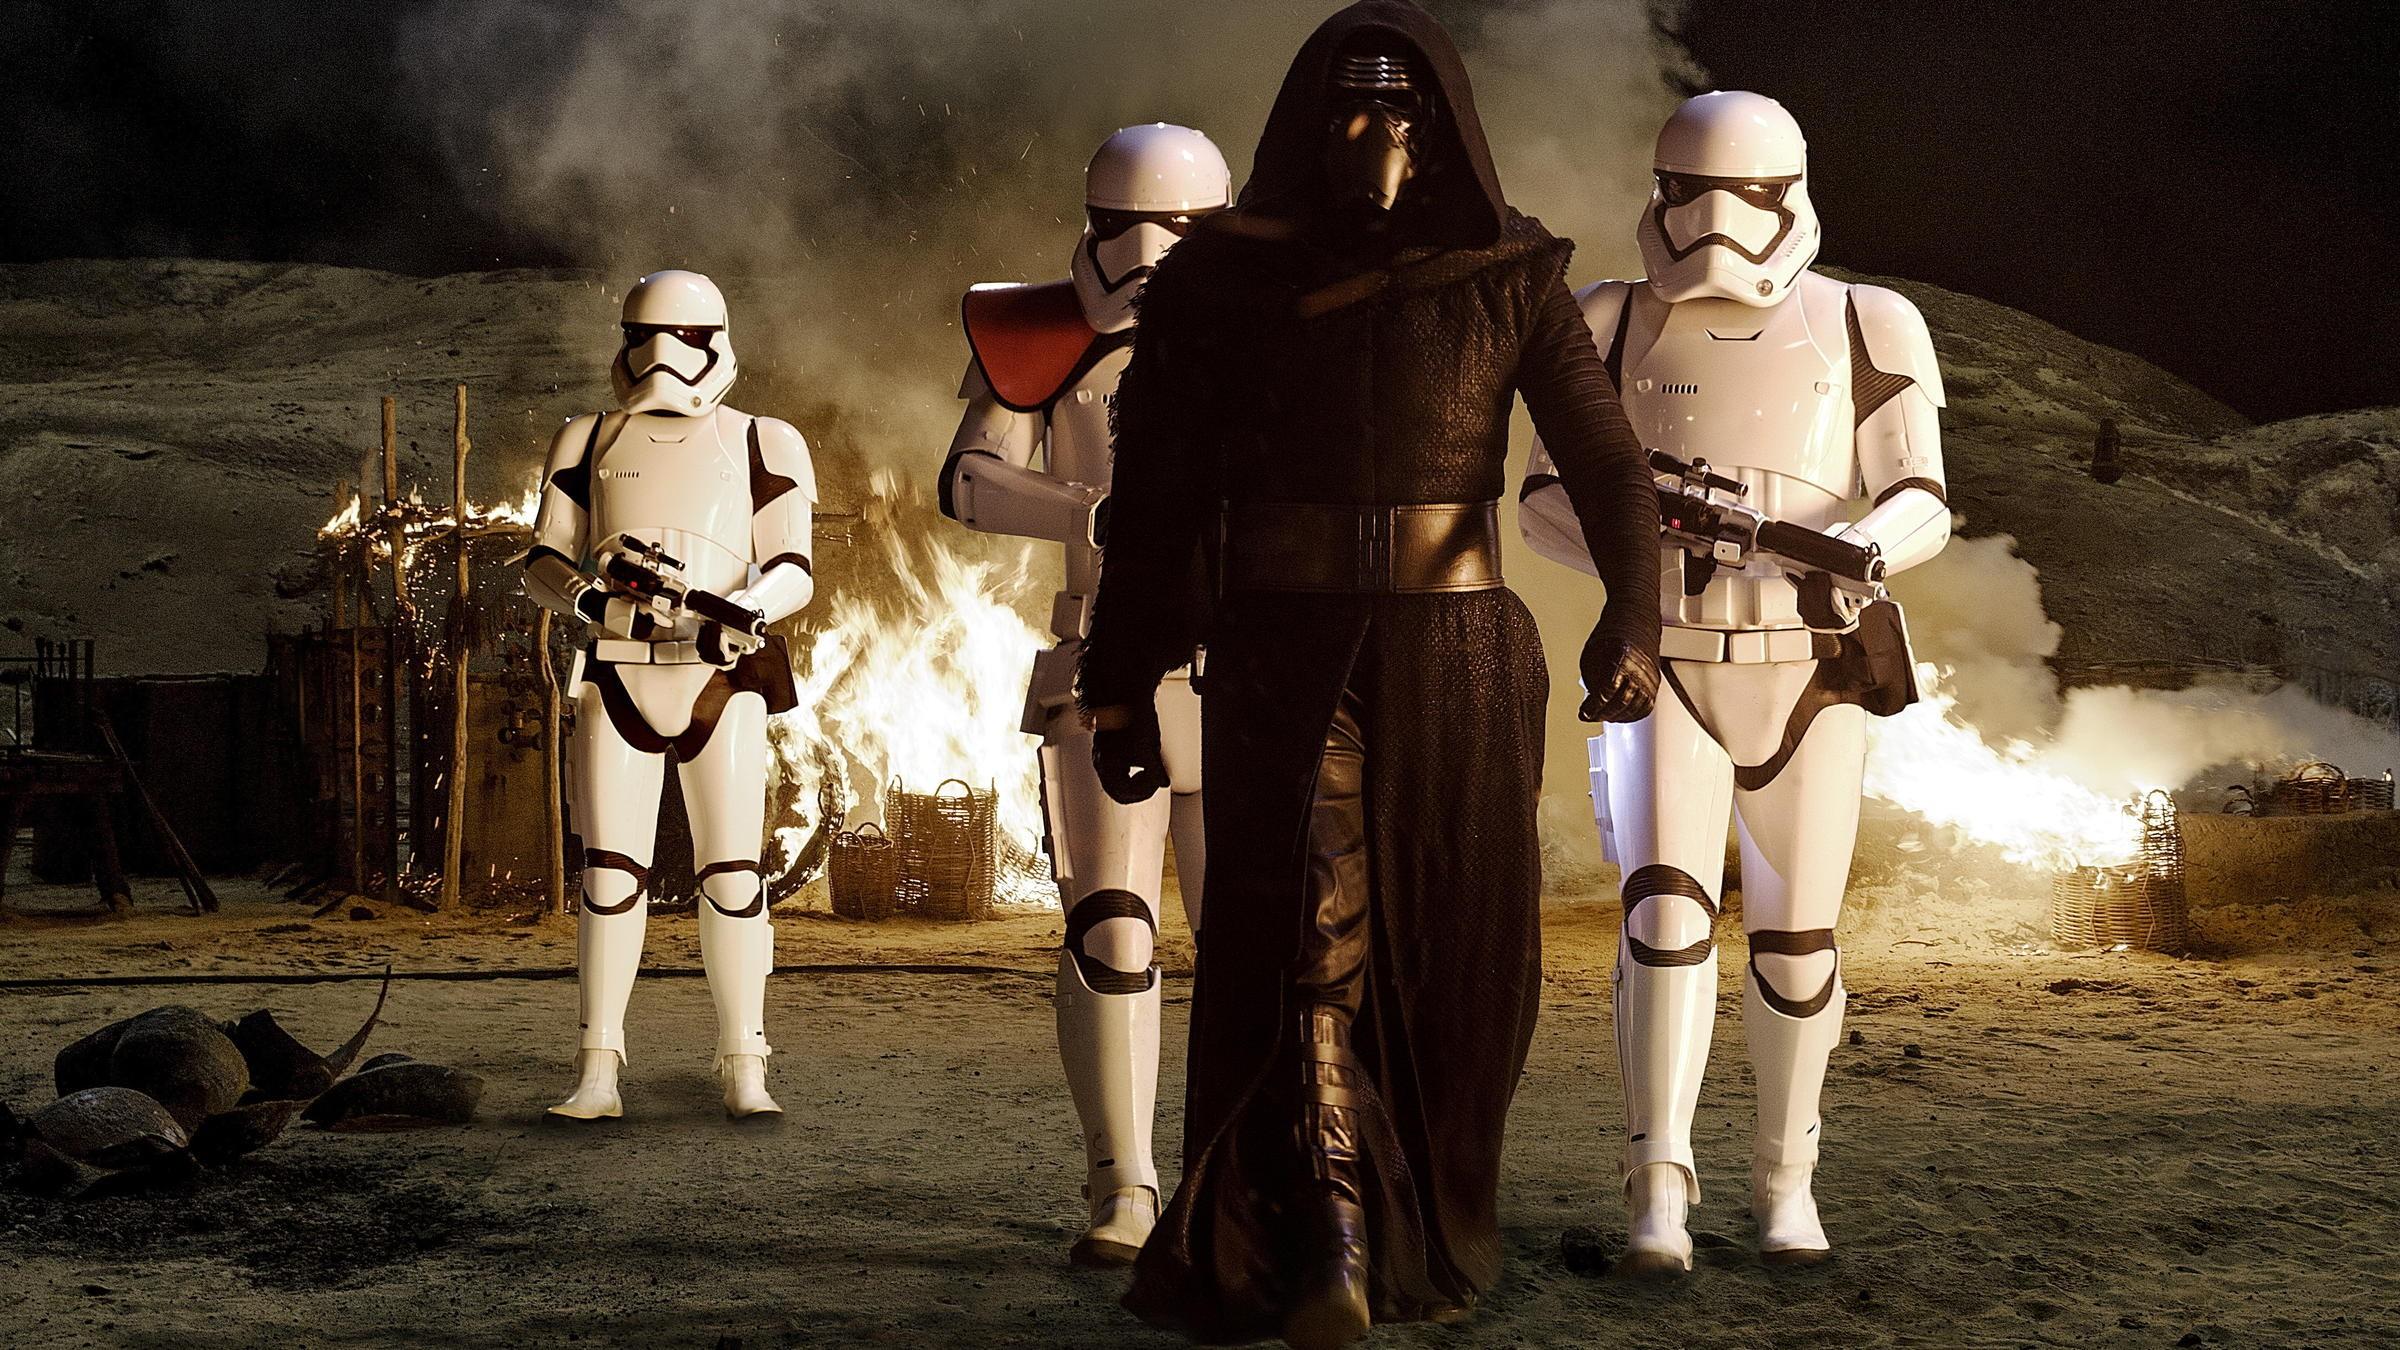 Седьмому отрывку фильма «Звездные войны» предрекли рекордные сборы